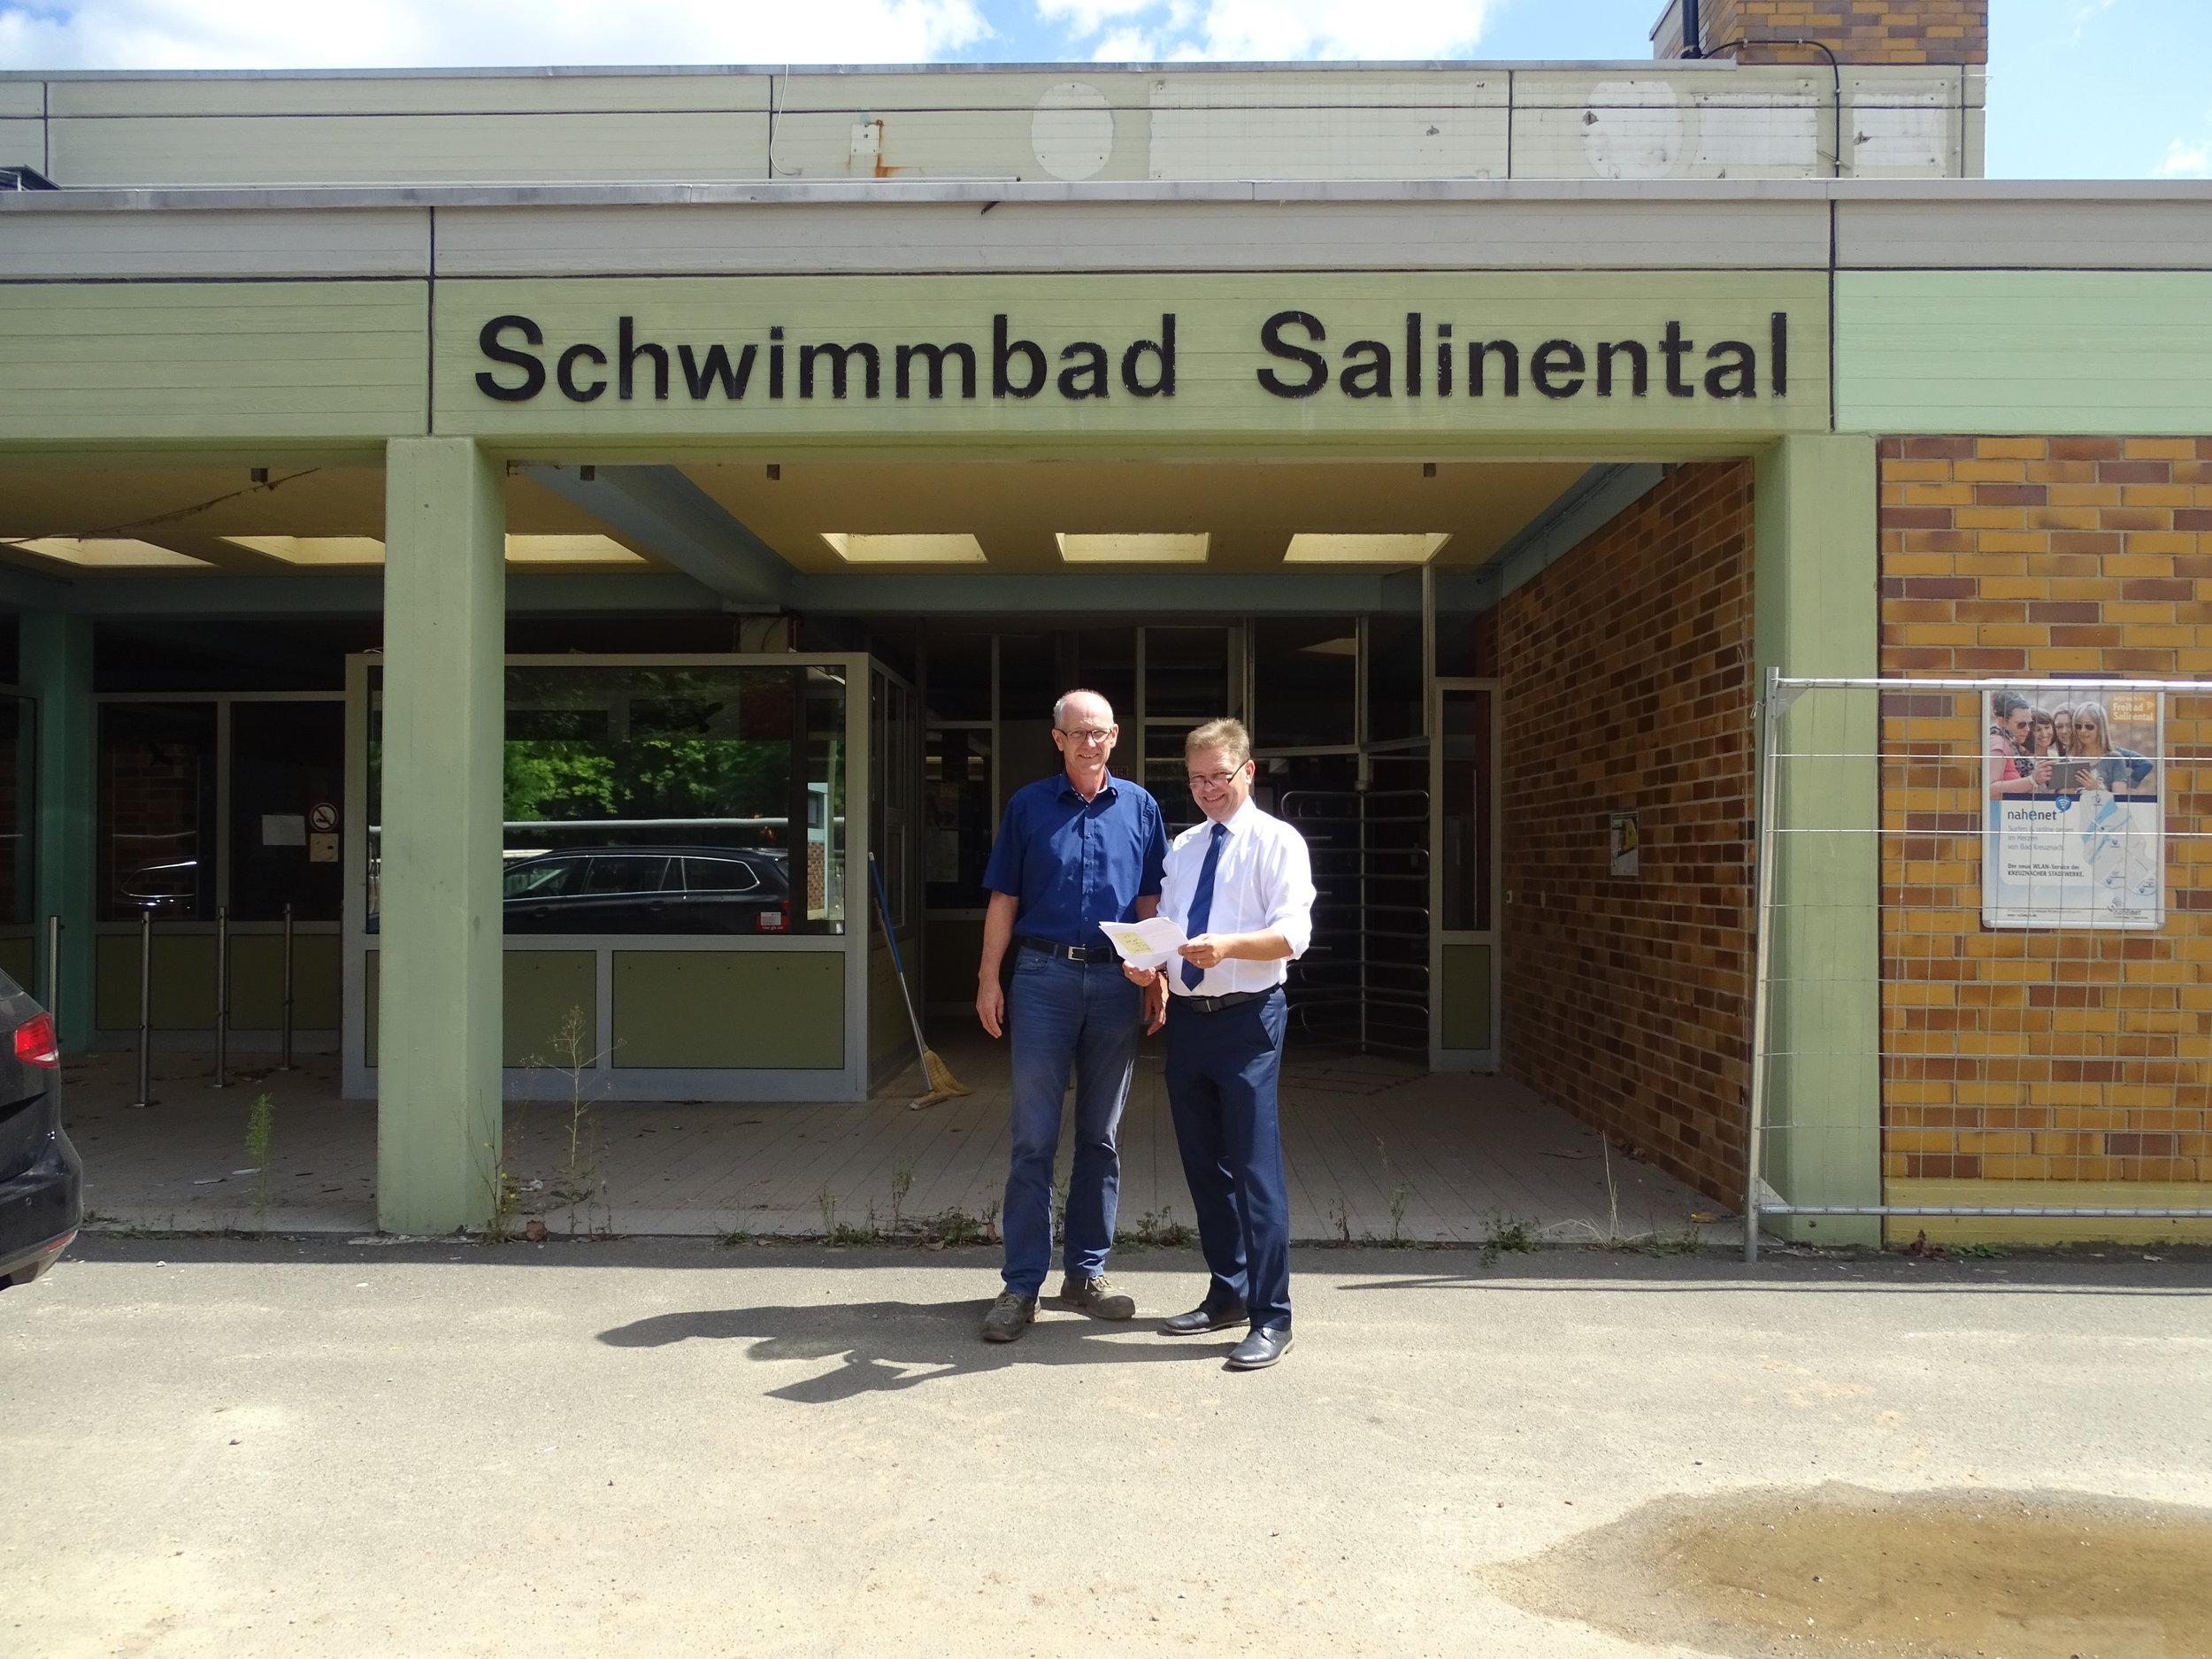 Auf dem Foto von links nach rechts: Helmut Lauff und Christoph Nath, vor dem Eingang des bisherigen Freibad Salinental